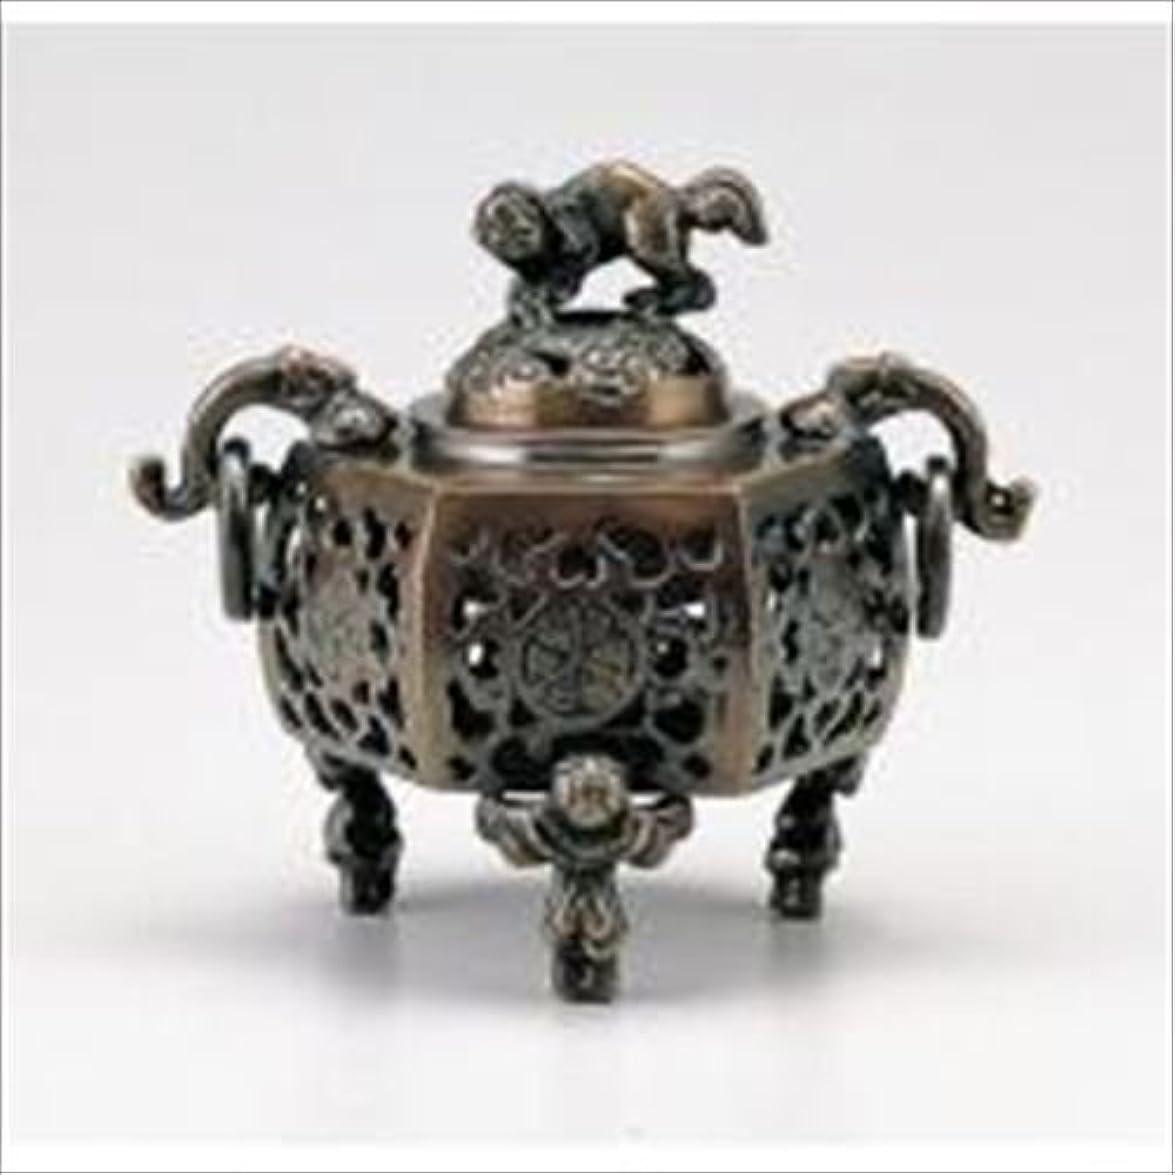 元気マーチャンダイジングパトワ竹中銅器 122-05 香炉 葵 かん付香炉 山吹色